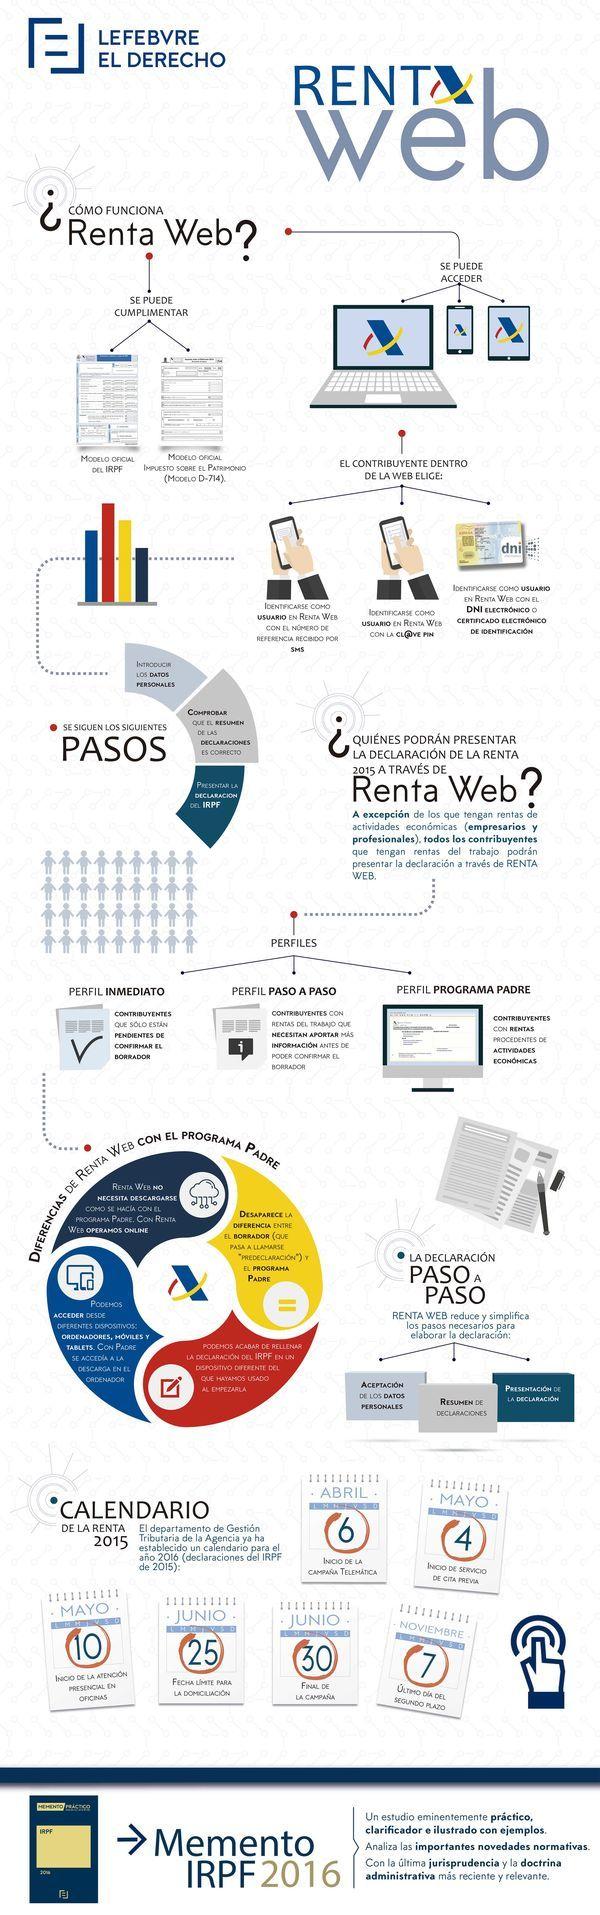 Renta Web (El Derecho)